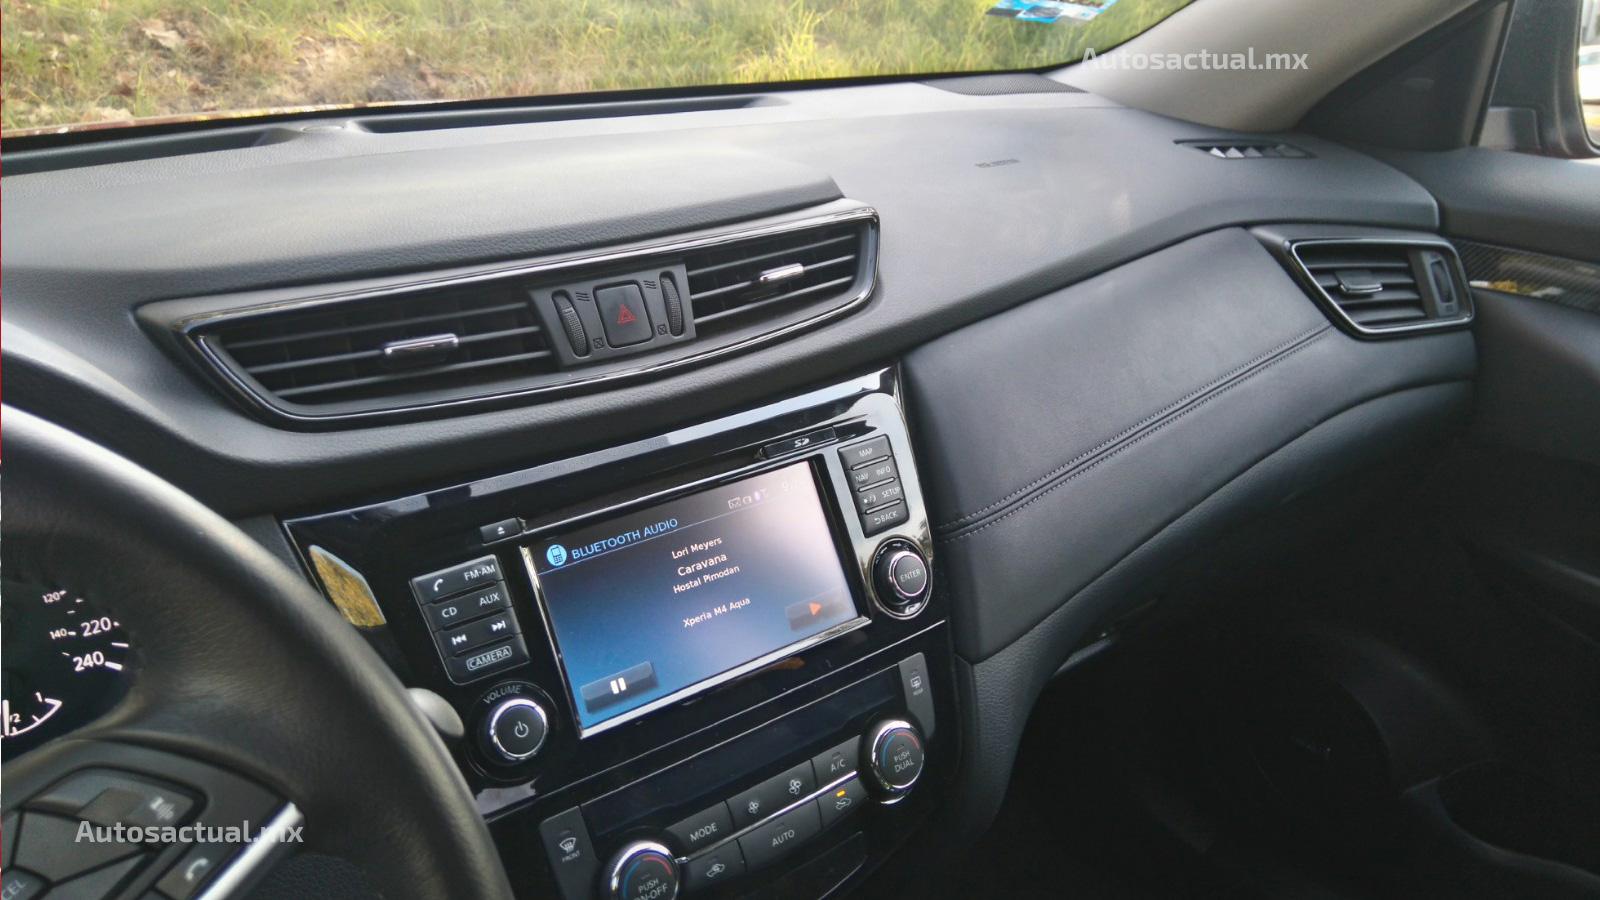 Nissan X-Trail 2018 en prueba y análisis - interior, pantalla touch con comandos por voz